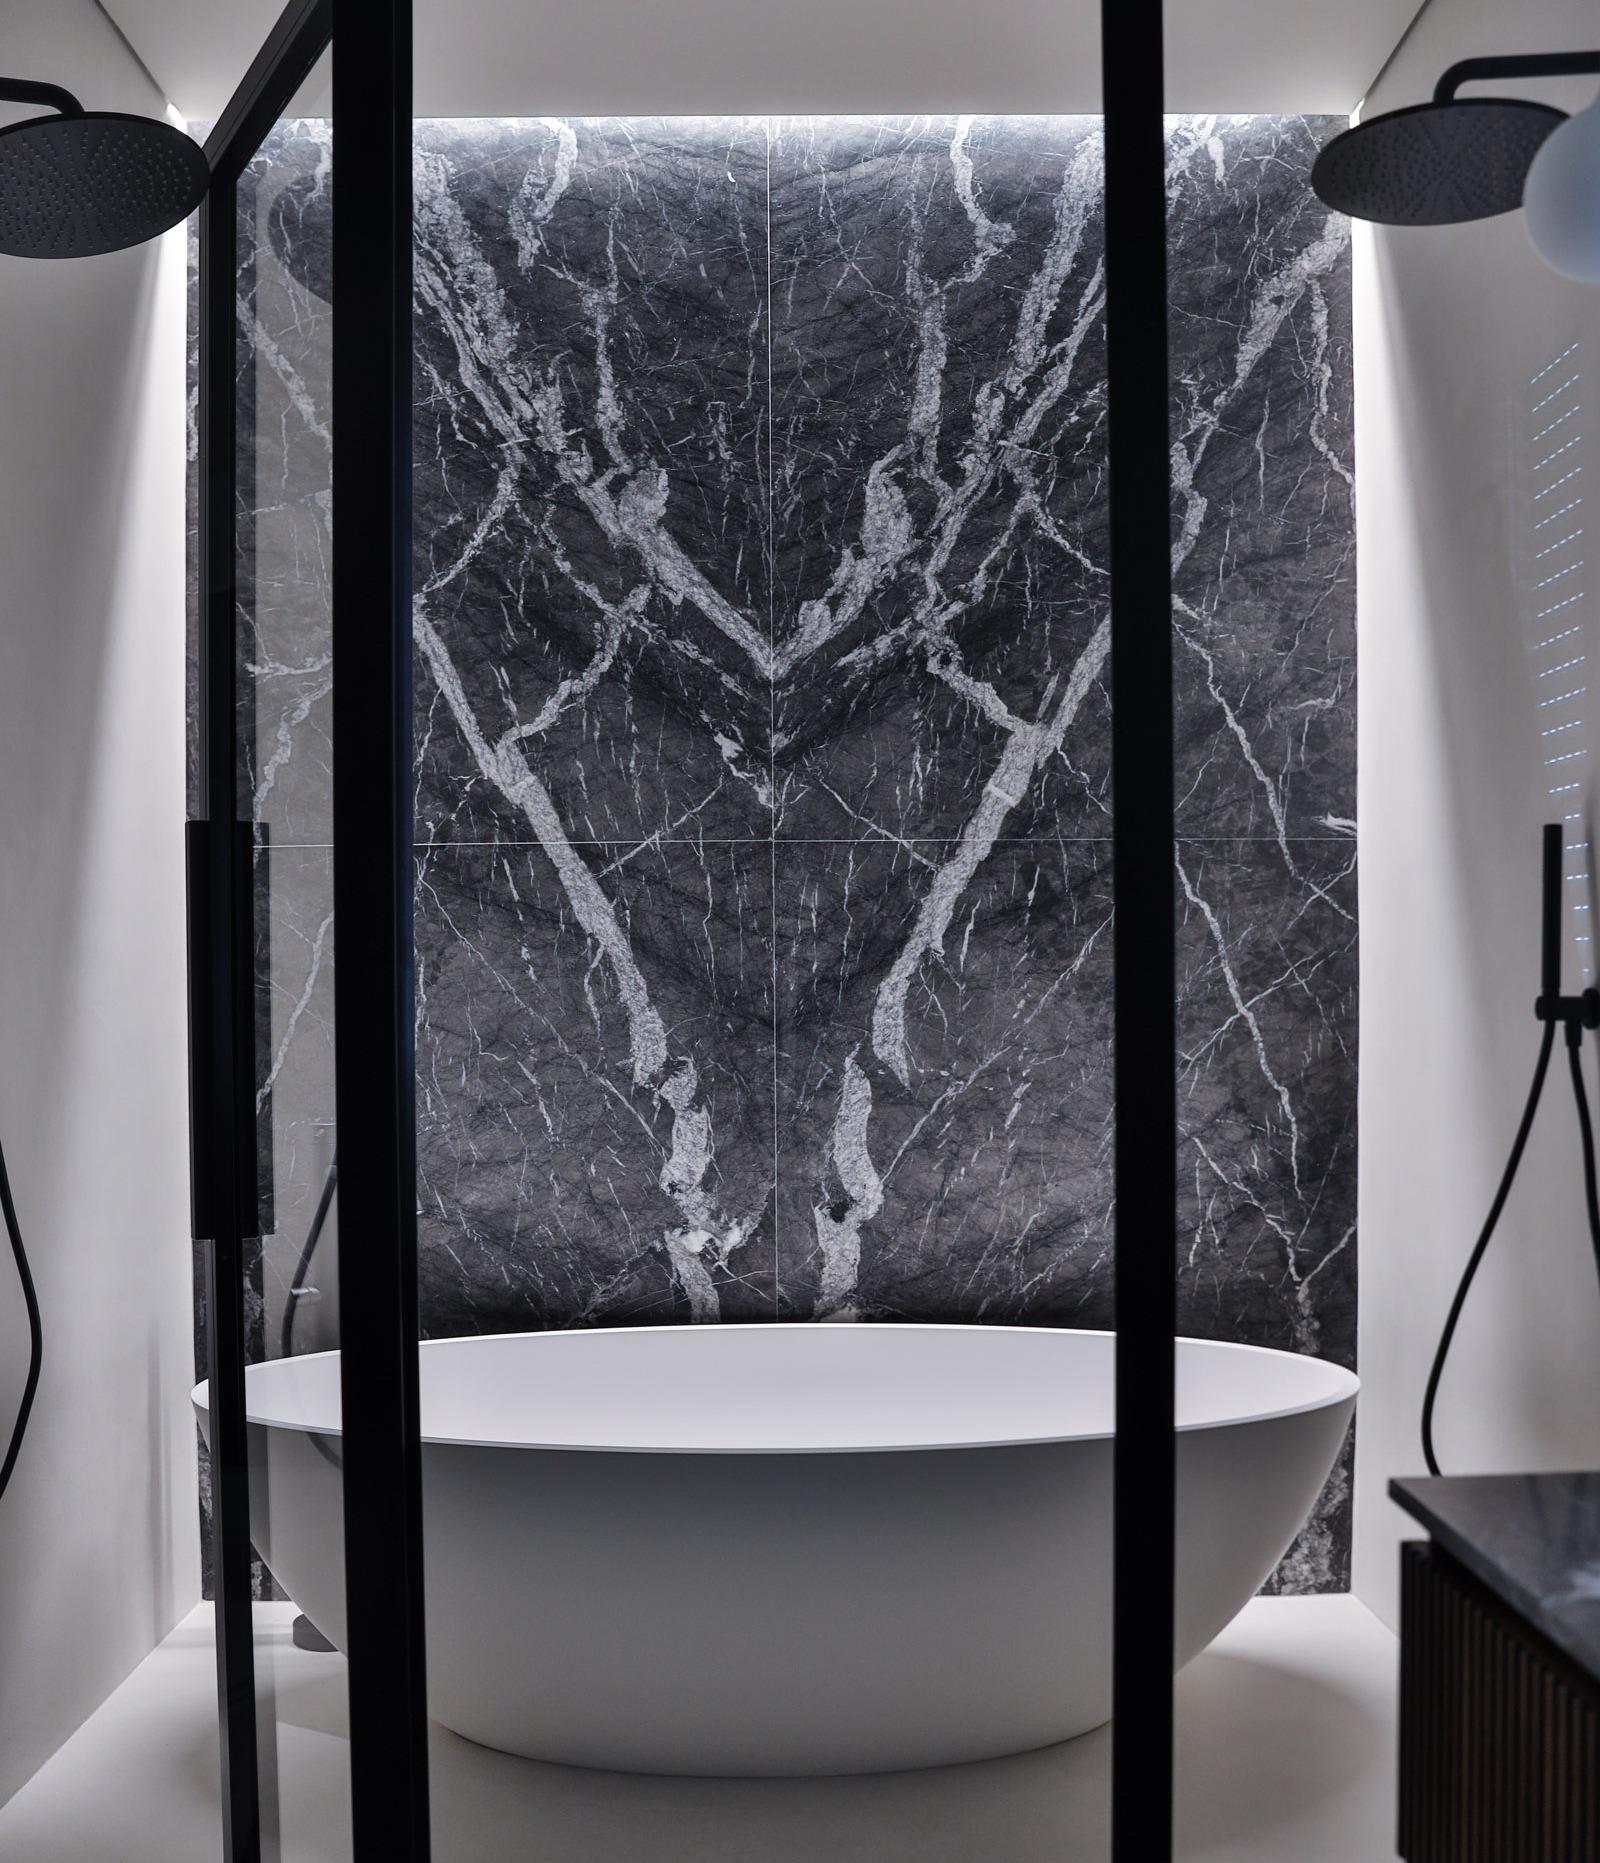 vasca freestanding con parete in marmo